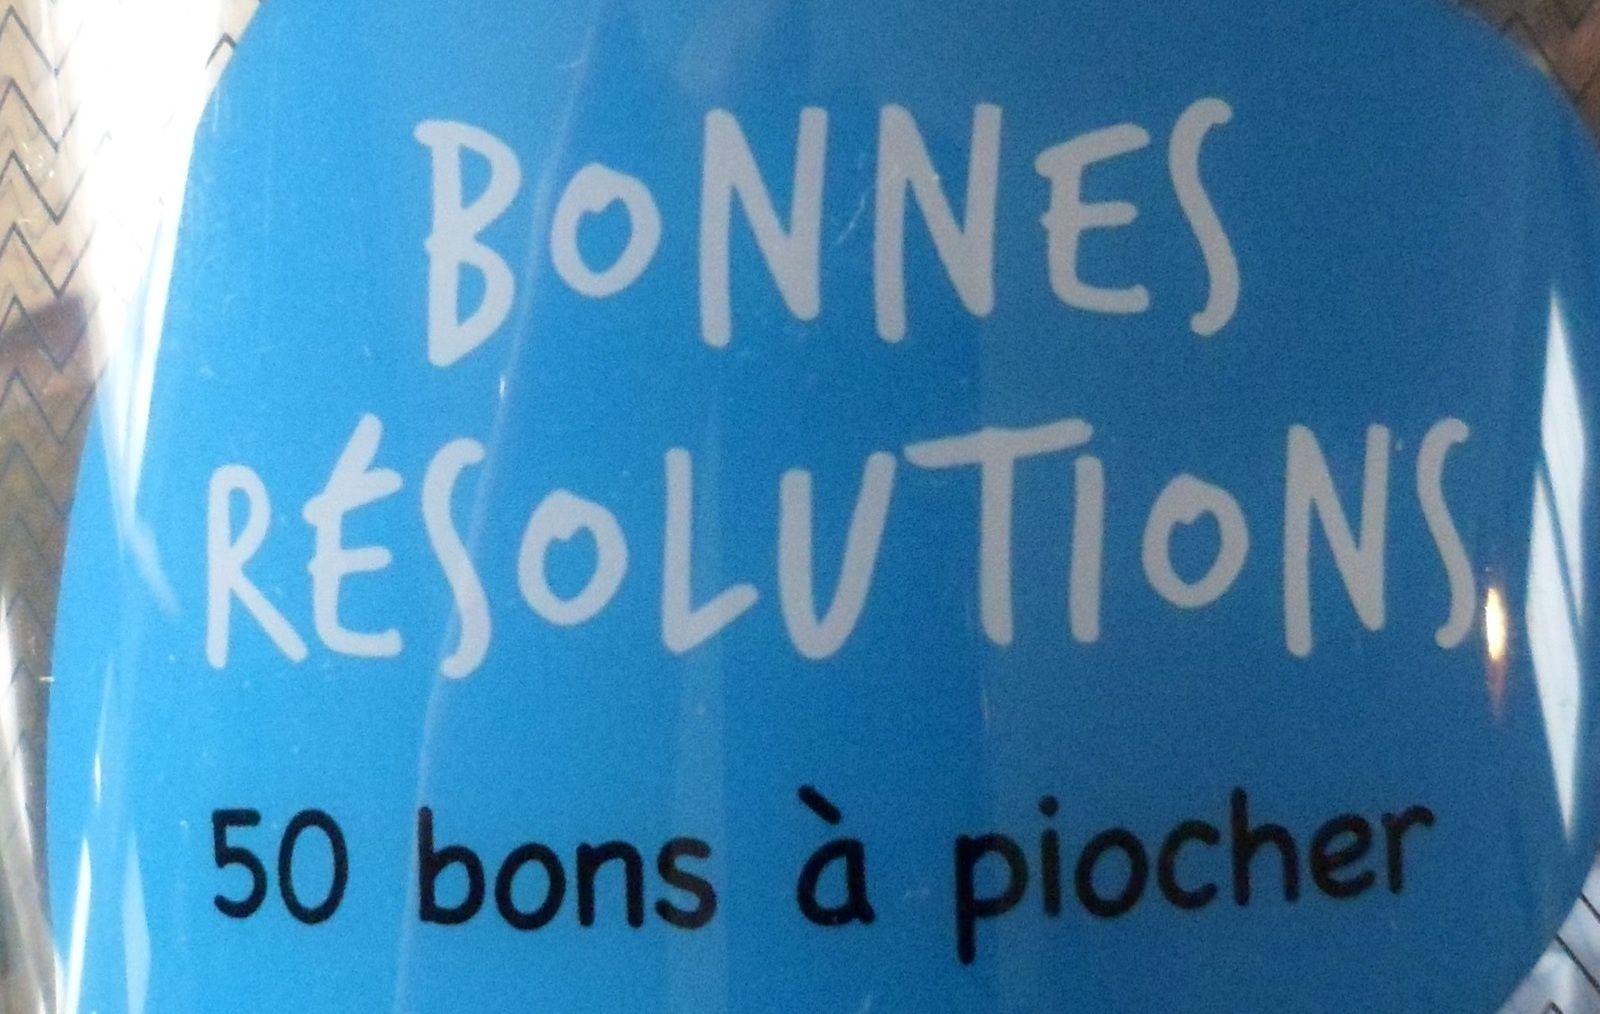 Bonnes résolutions #48